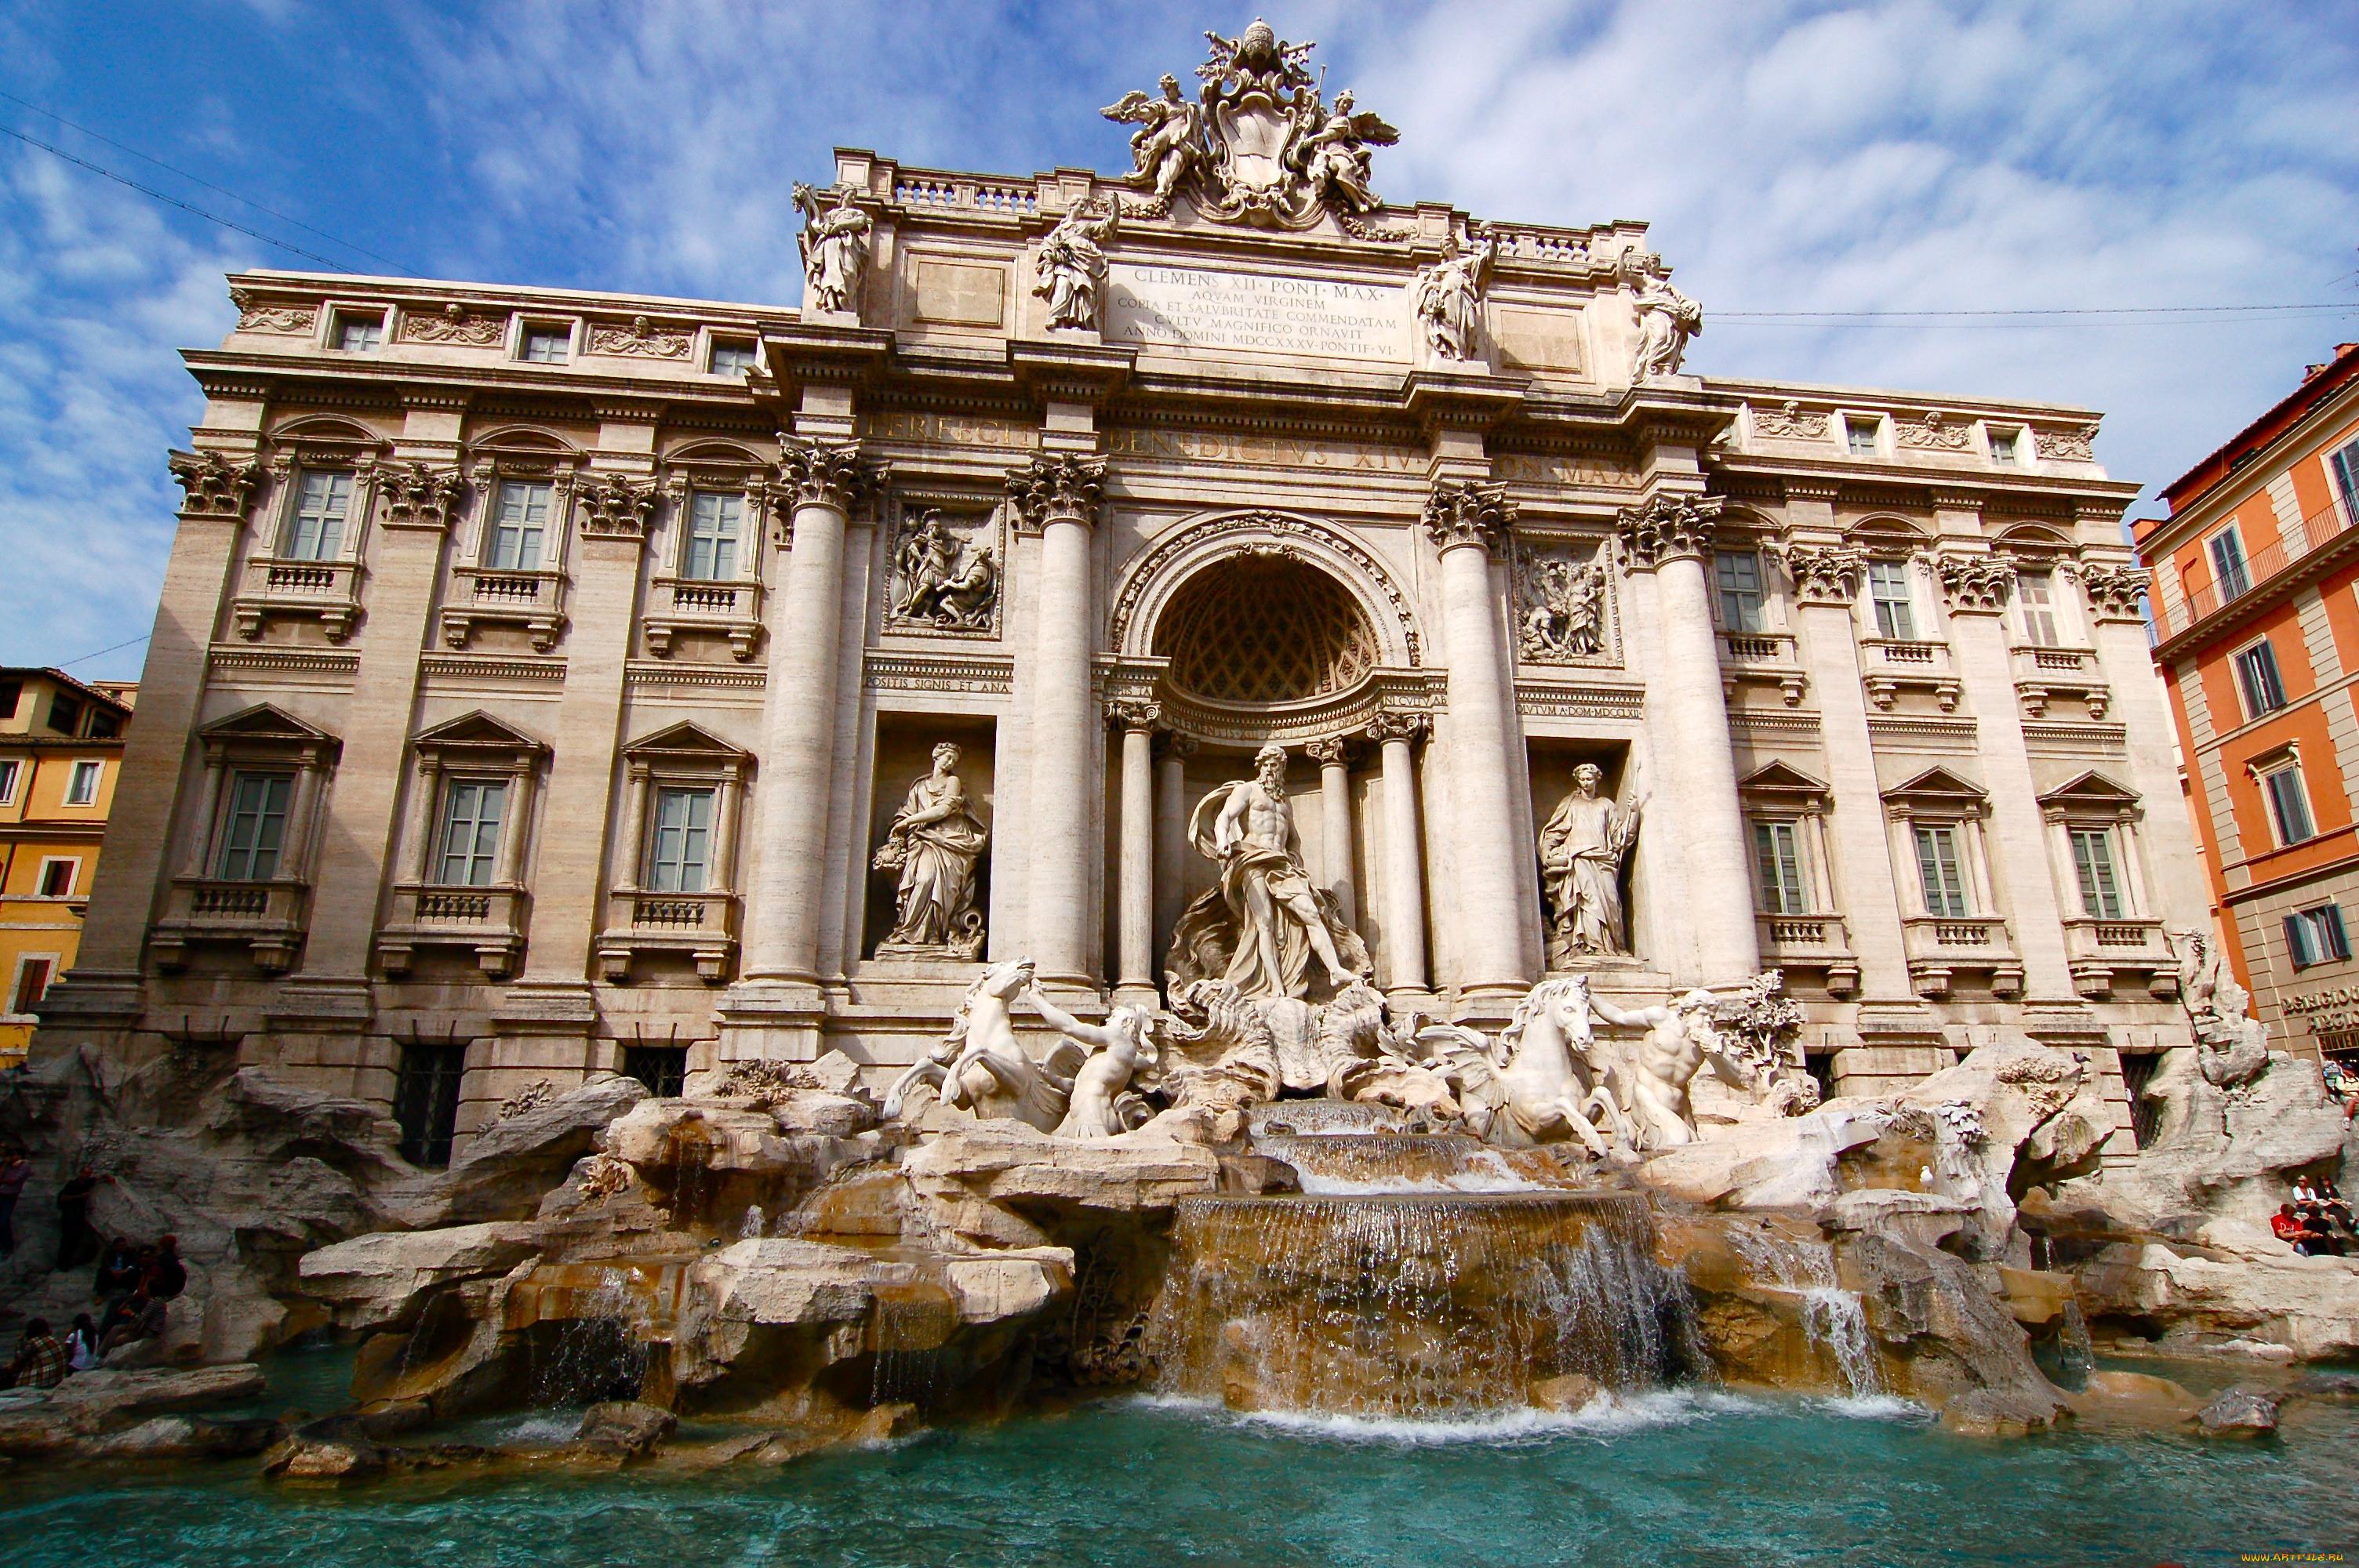 Рим ватикан италия дворец фонтаны